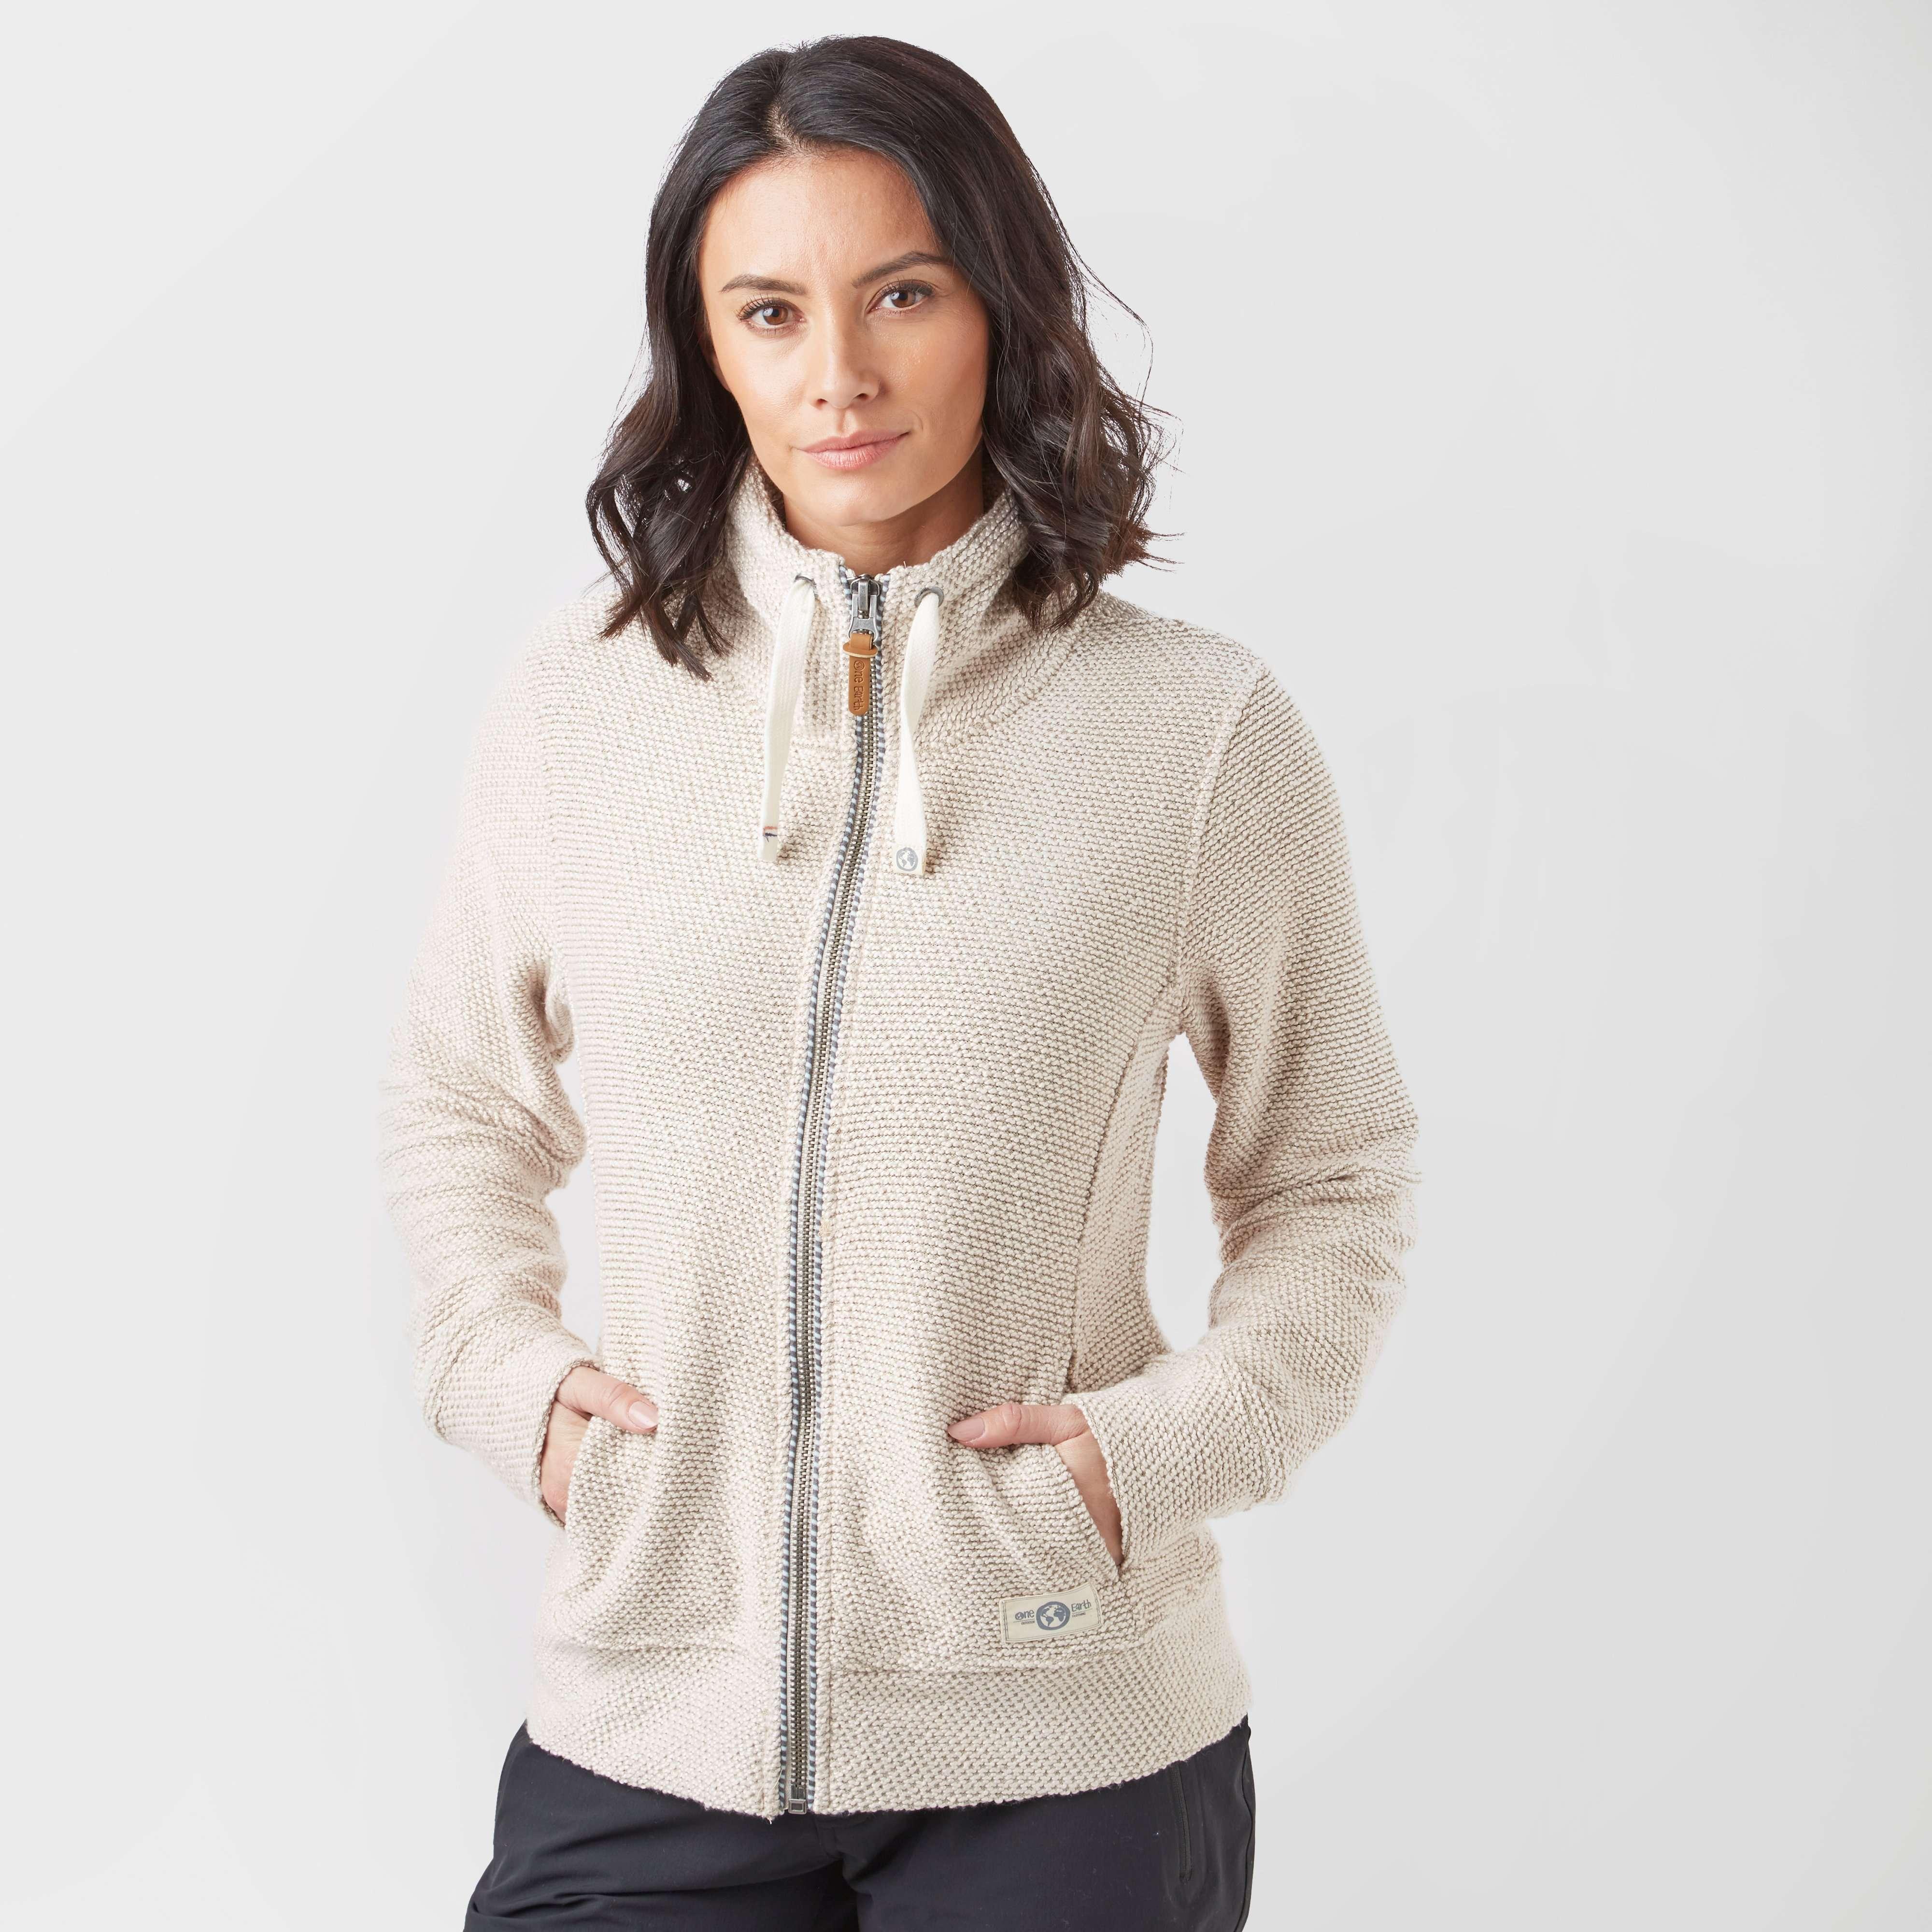 ONE EARTH Women's Full-Zip Textured Top